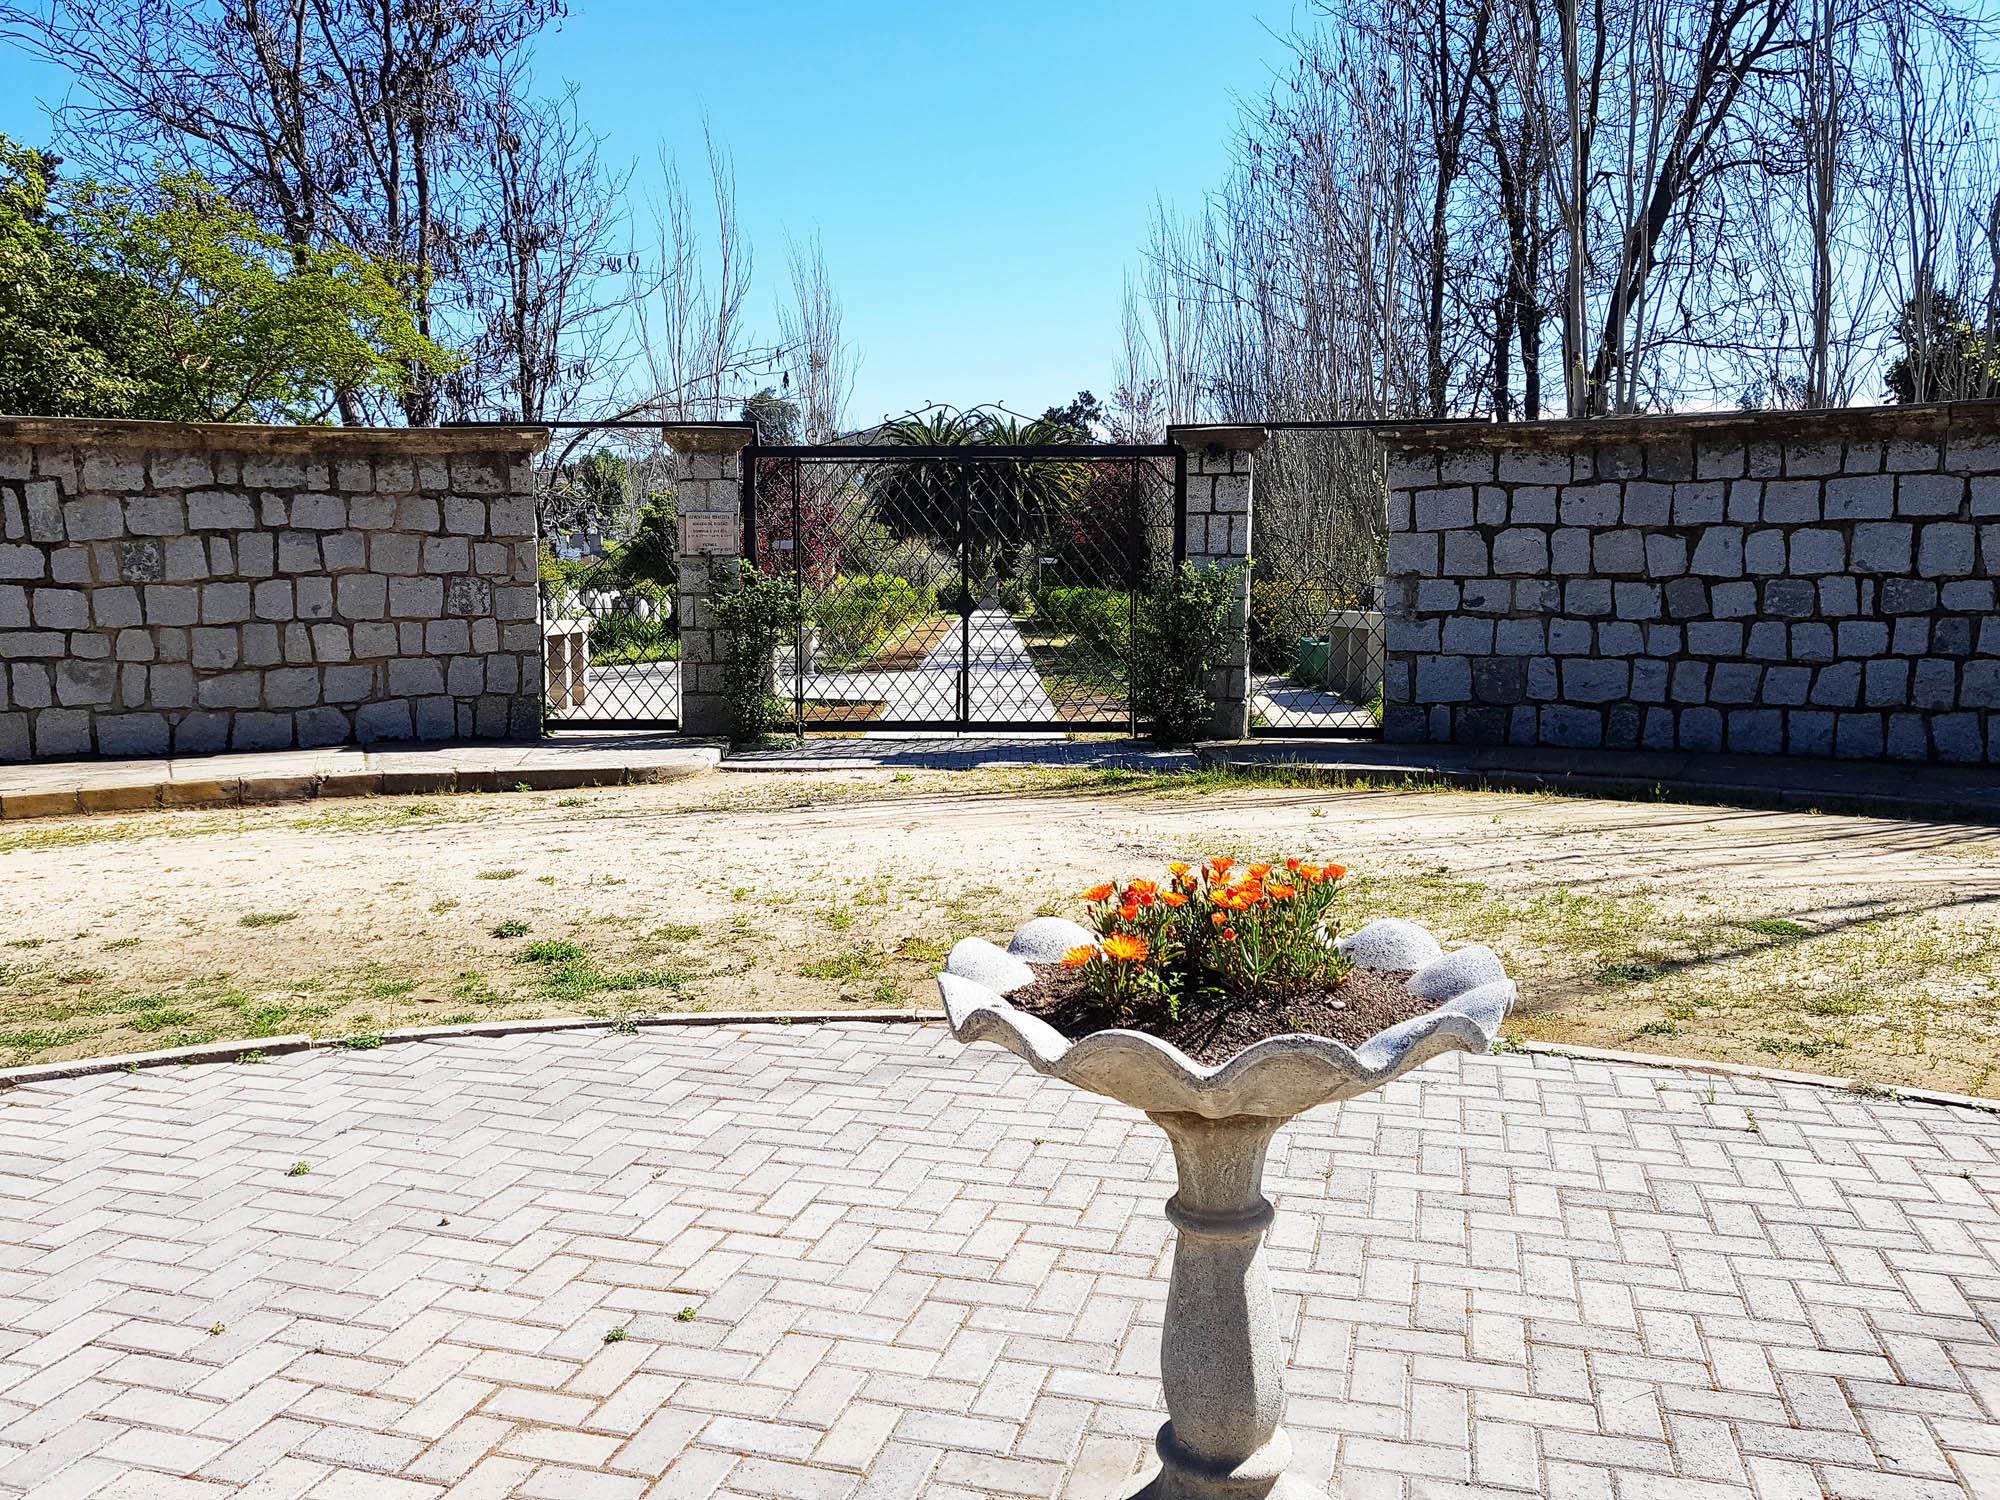 Eingang zum jüdischen Friedhof von El Belloto